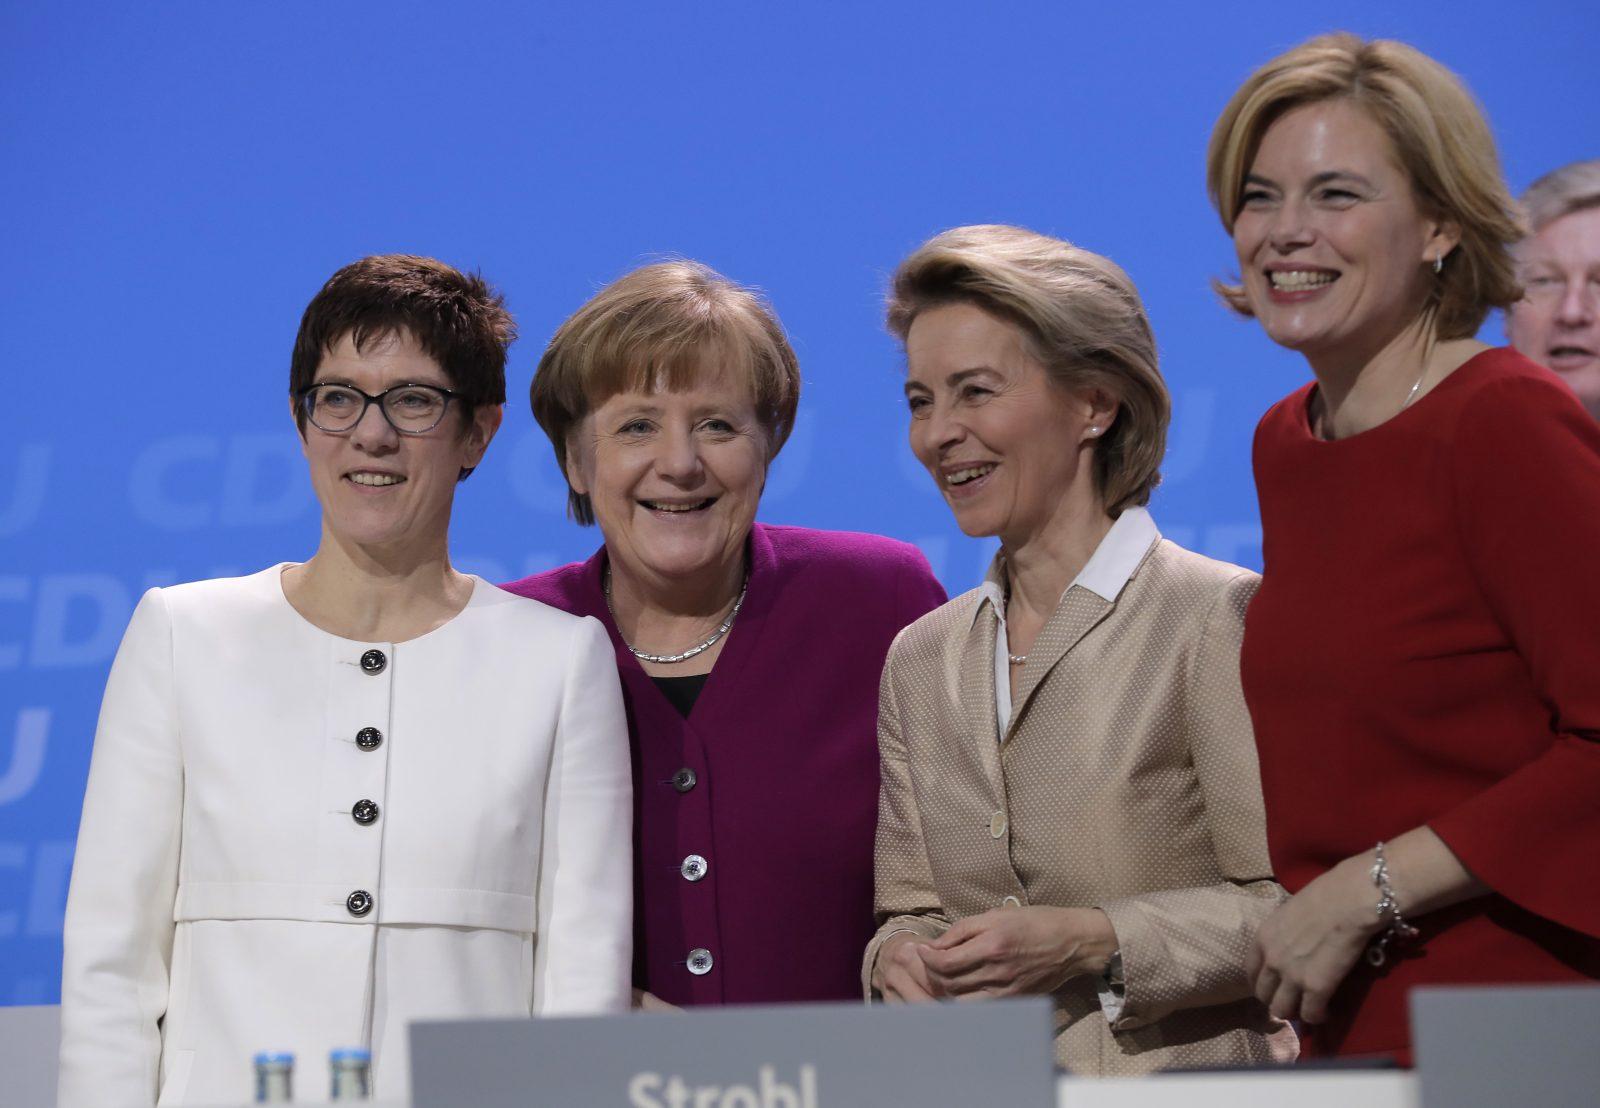 Führende CDU-Frauen: Parteivorsitzende Annegret Kramp-Karrenbauern, Kanzlerin Angela Merkel, EU-Kommissionspräsidentin Ursula von der Leyen, Bundeslandwirtschaftsministerin Julia Klöckner (v. l. n. r.) Foto: picture alliance / AP Photo